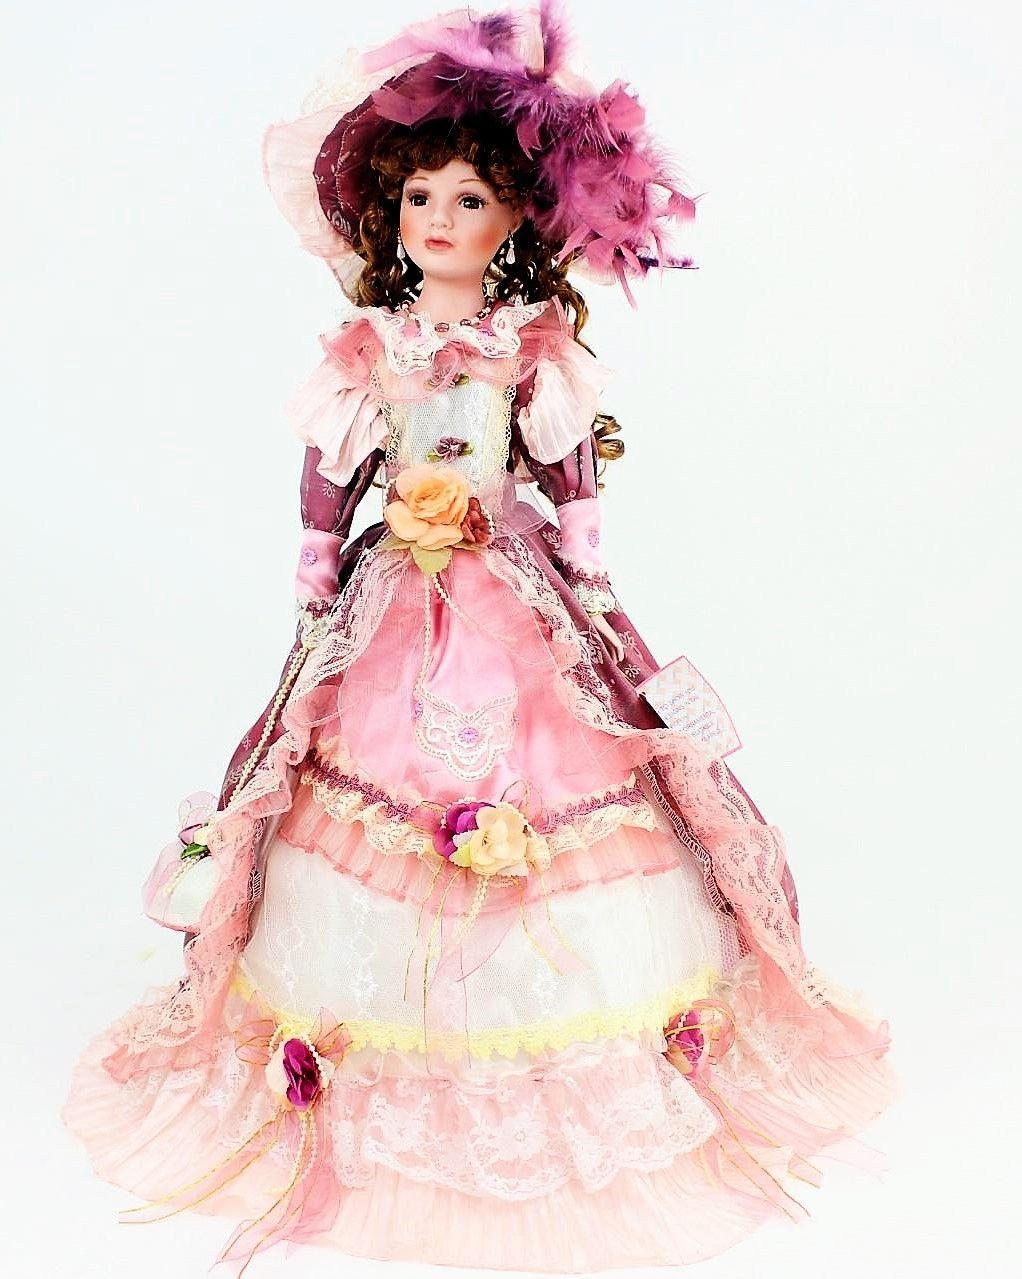 26 inch Umbrella Porcelain Dolls Victorian Style #dollvictoriandressstyles